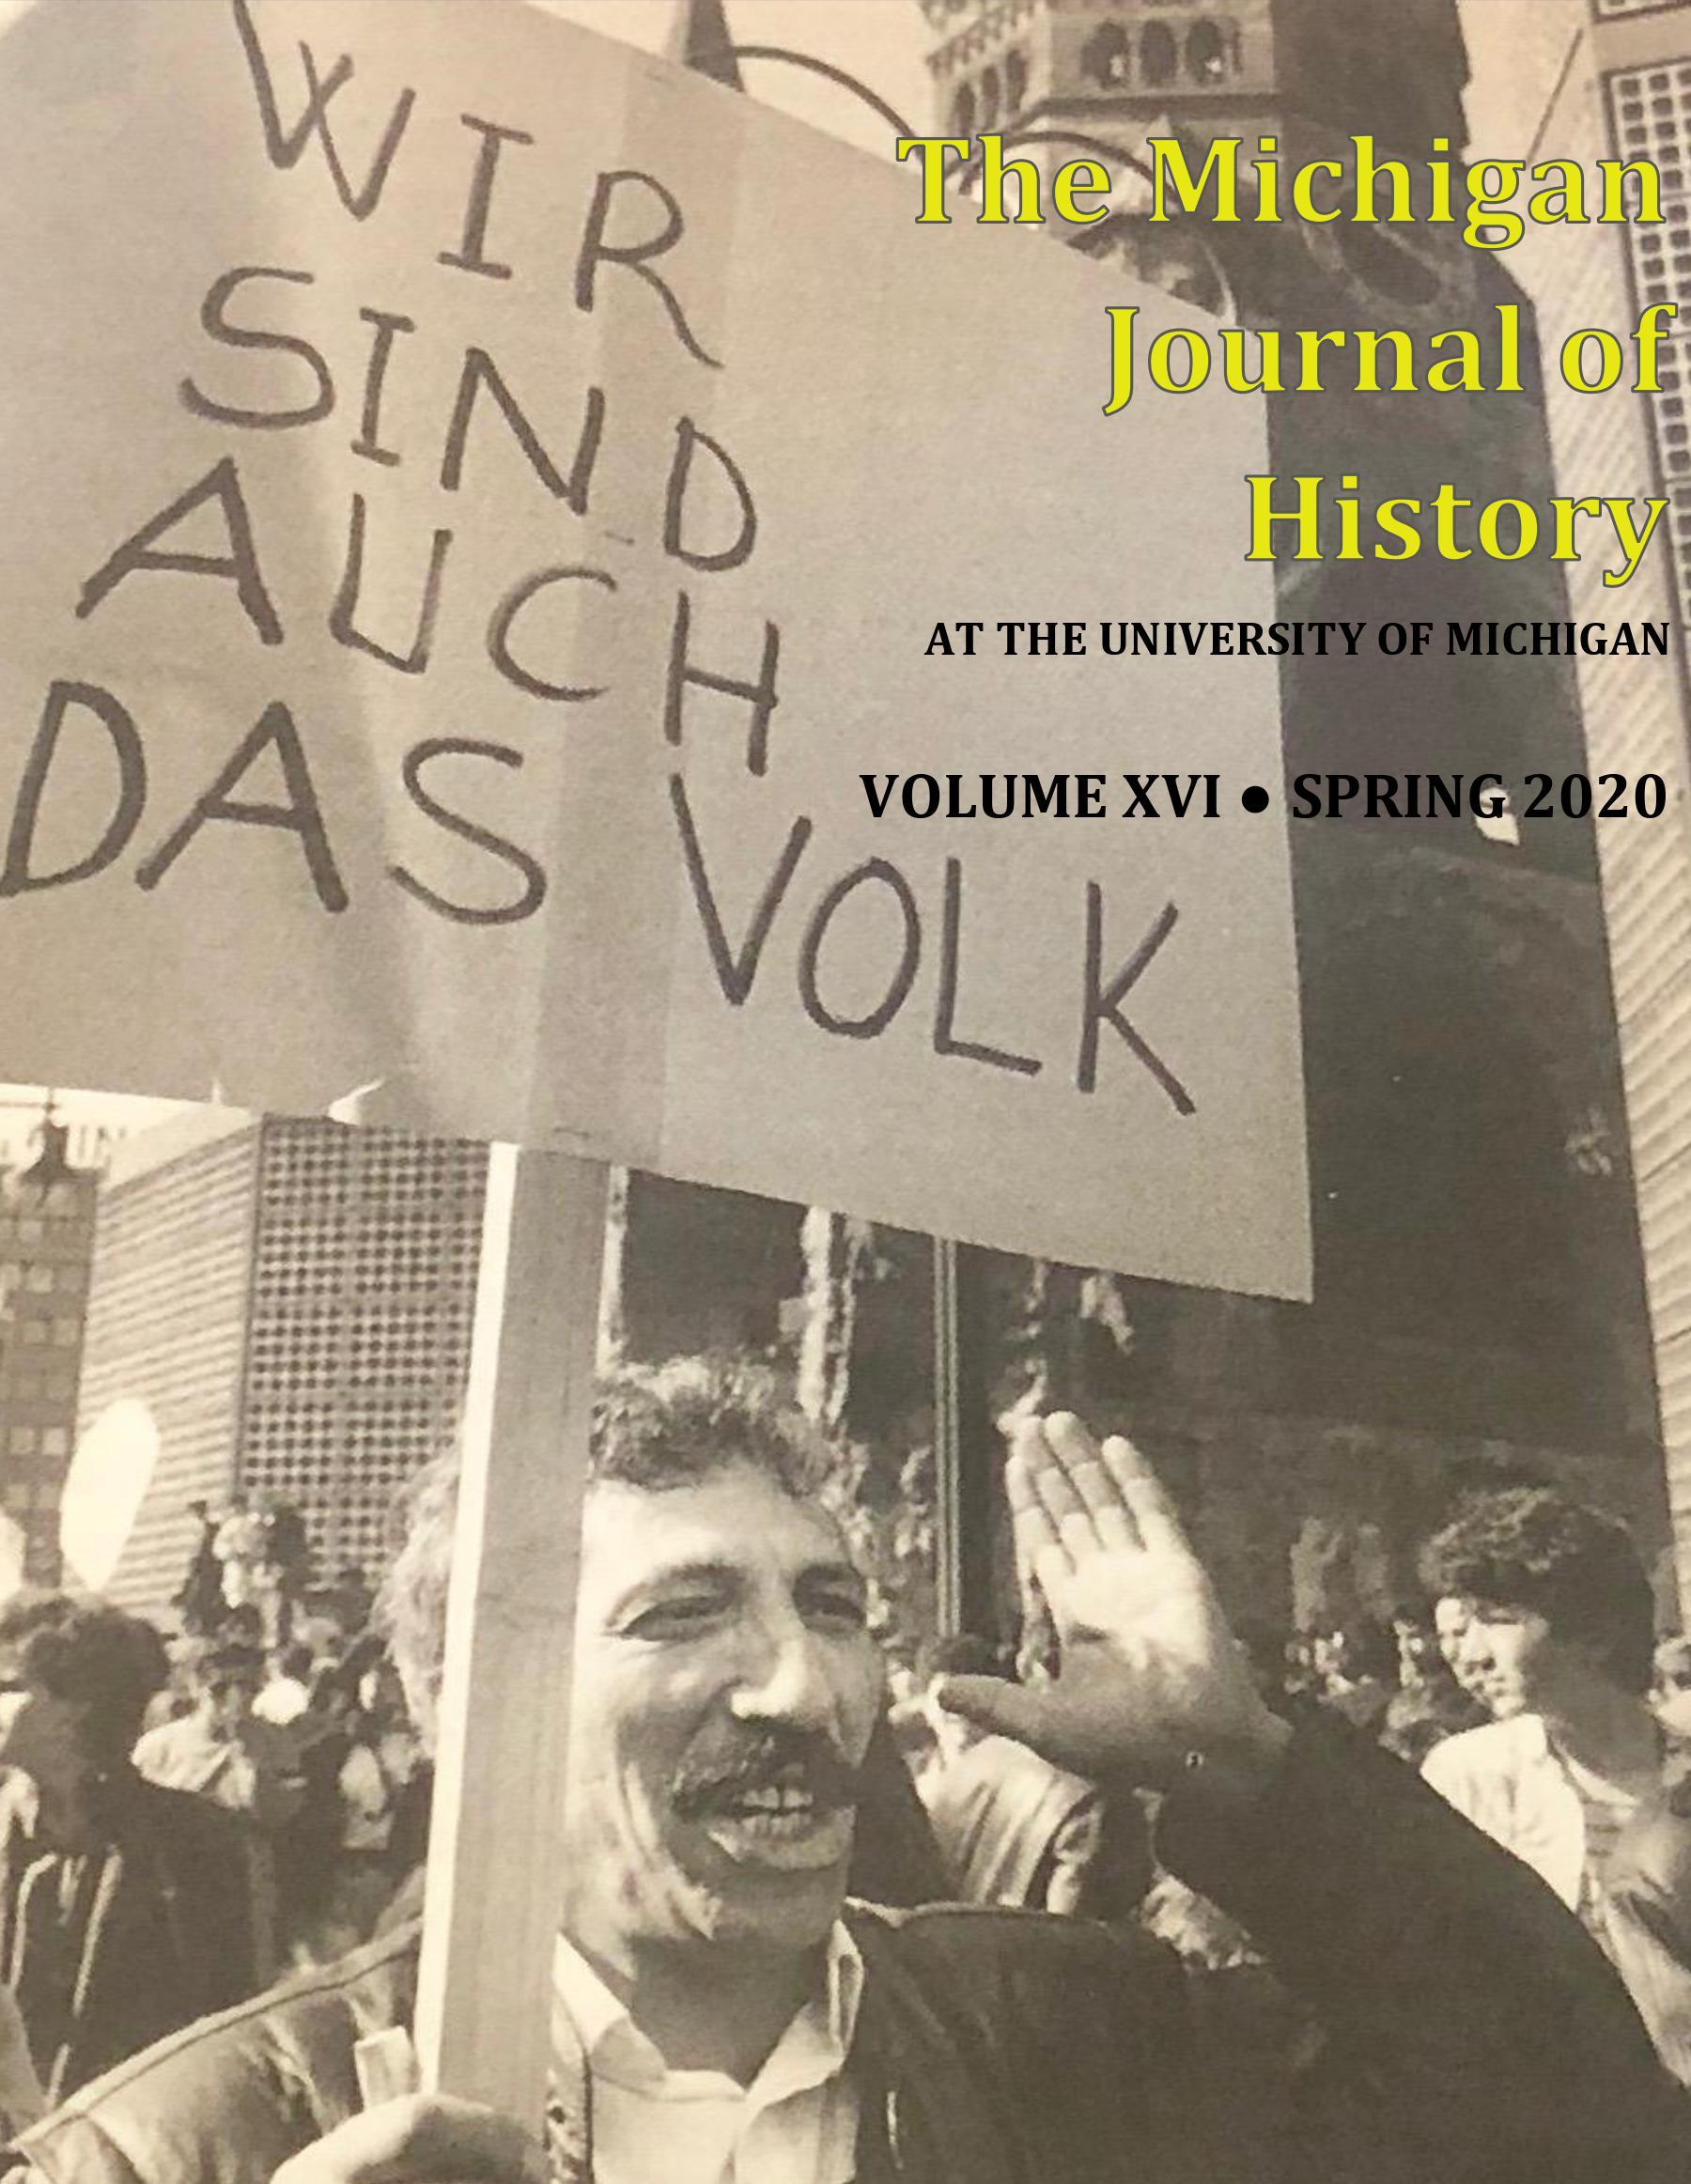 MJH VOLUME XVI COVER